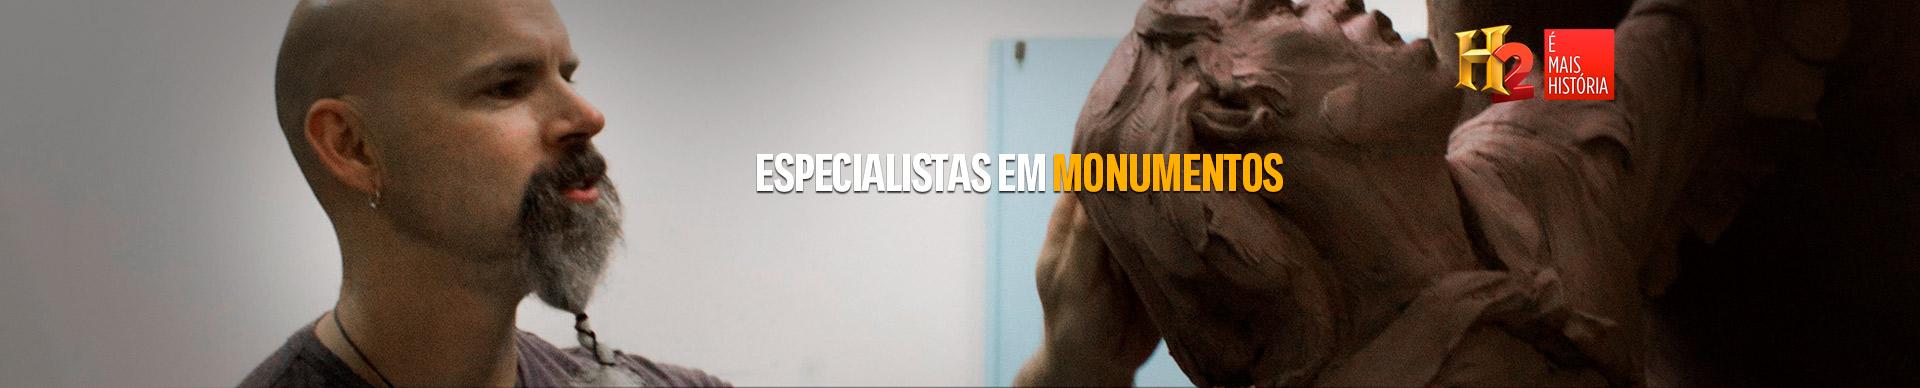 ESPECIALISTAS EM MONUMENTOS